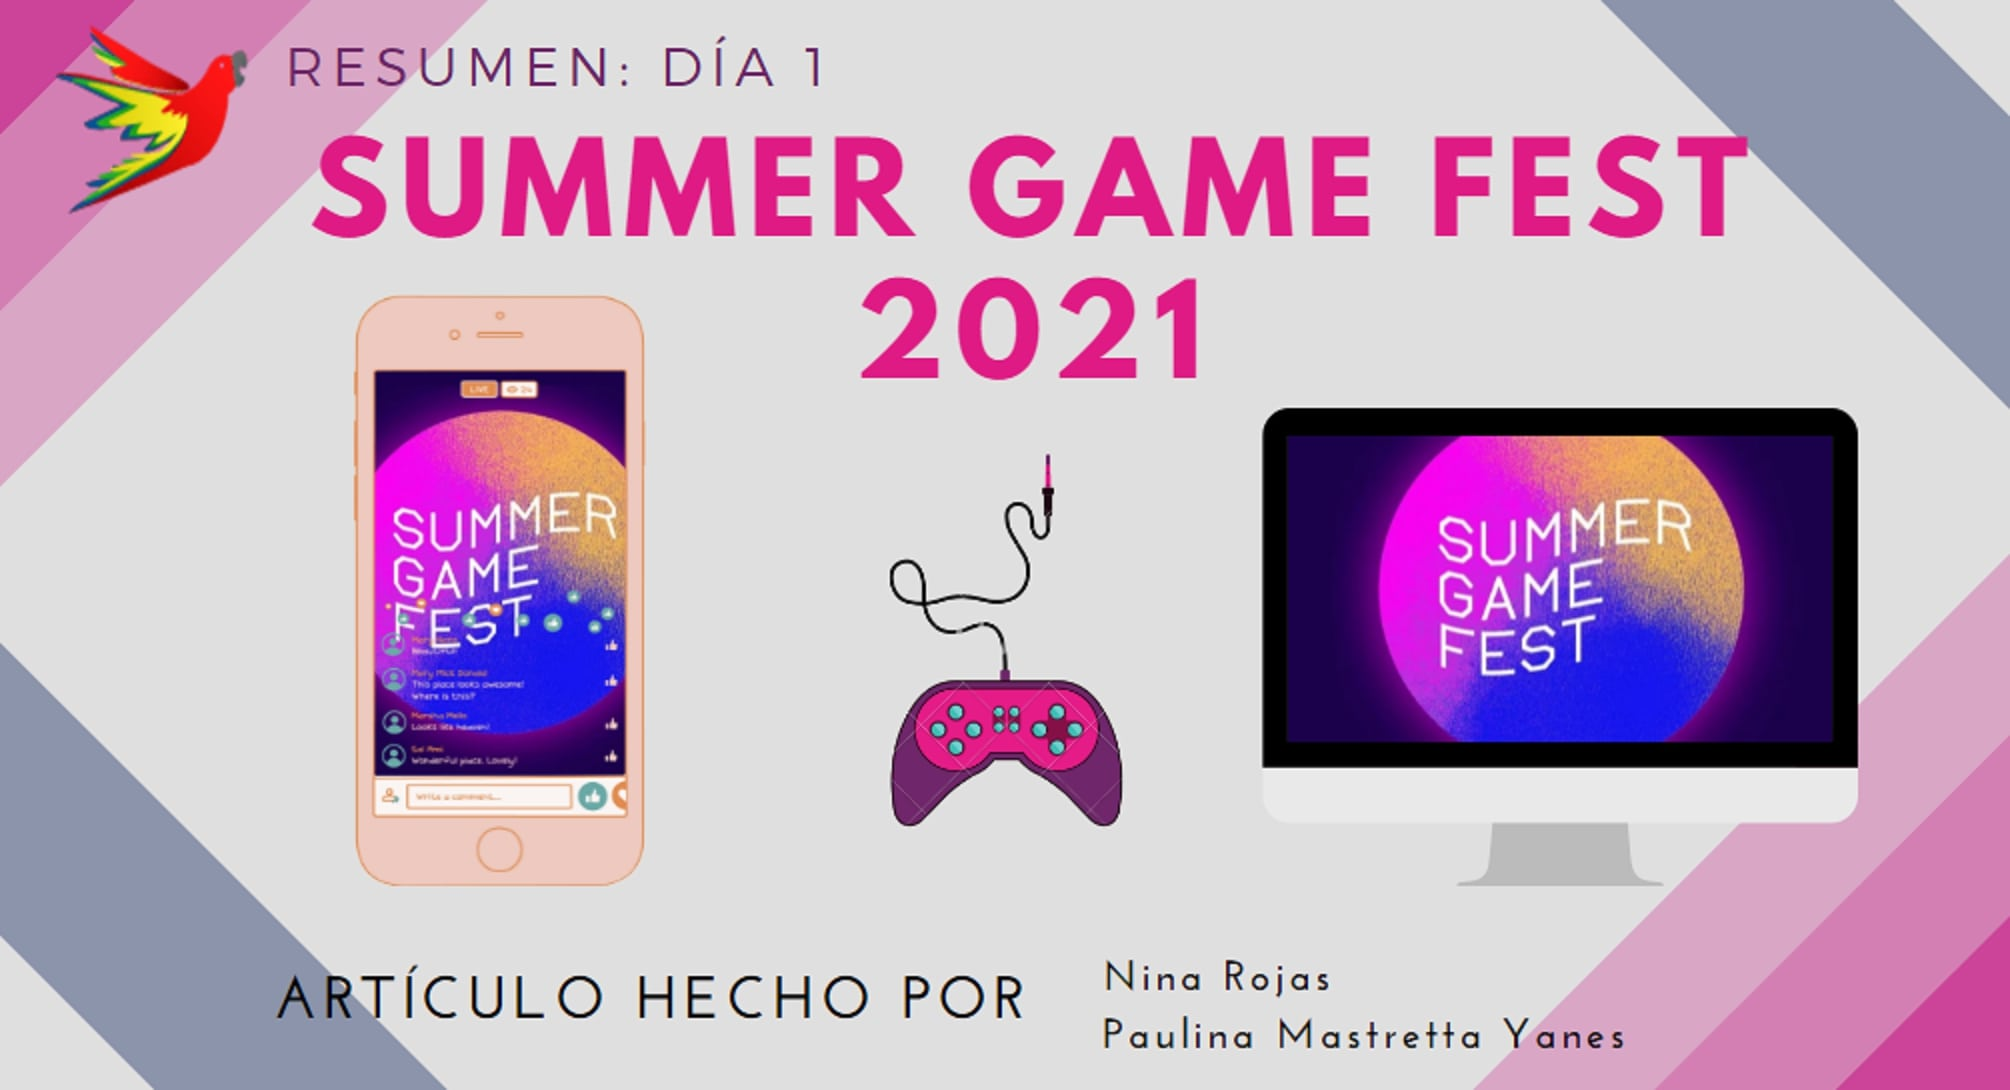 Resumen: Summer Game Fest 2021